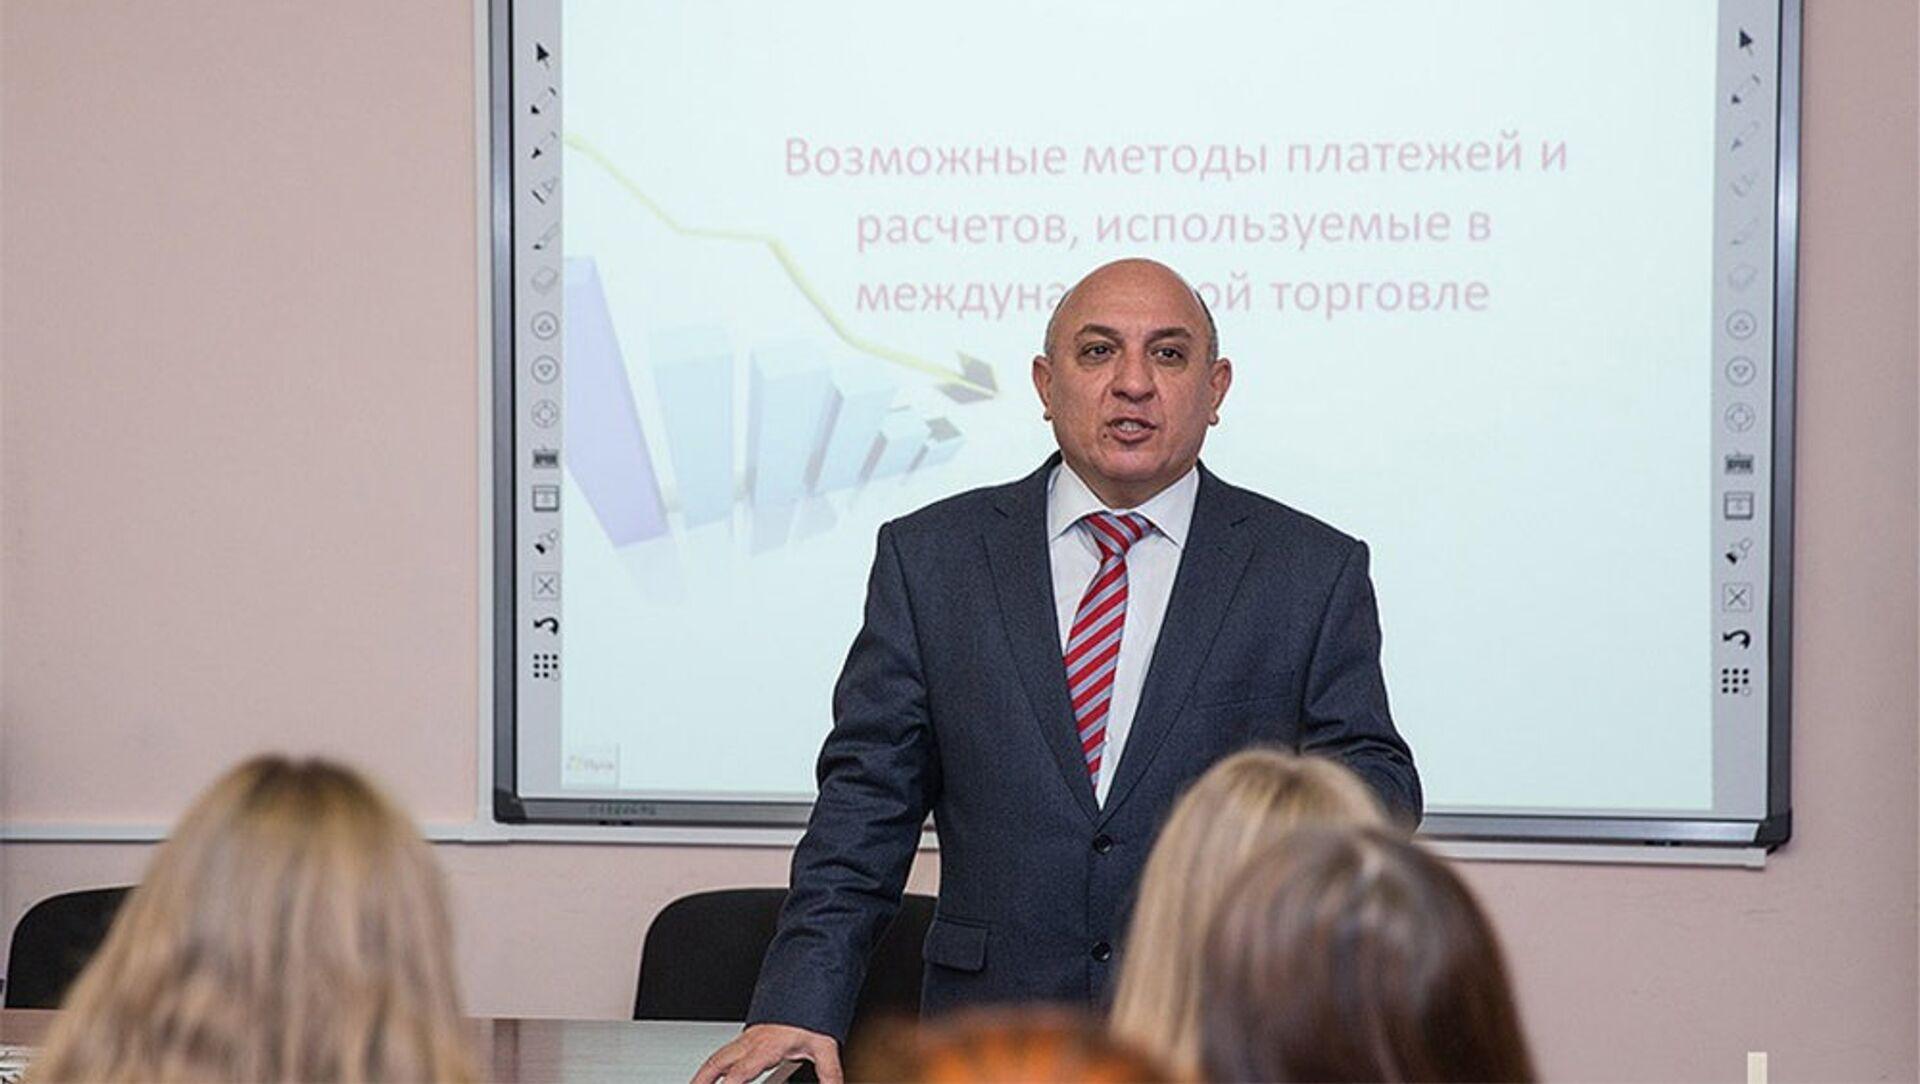 Эльнур Садыгов, Профессор Азербайджанского государственного экономического университета (UNEC) - Sputnik Азербайджан, 1920, 23.08.2021